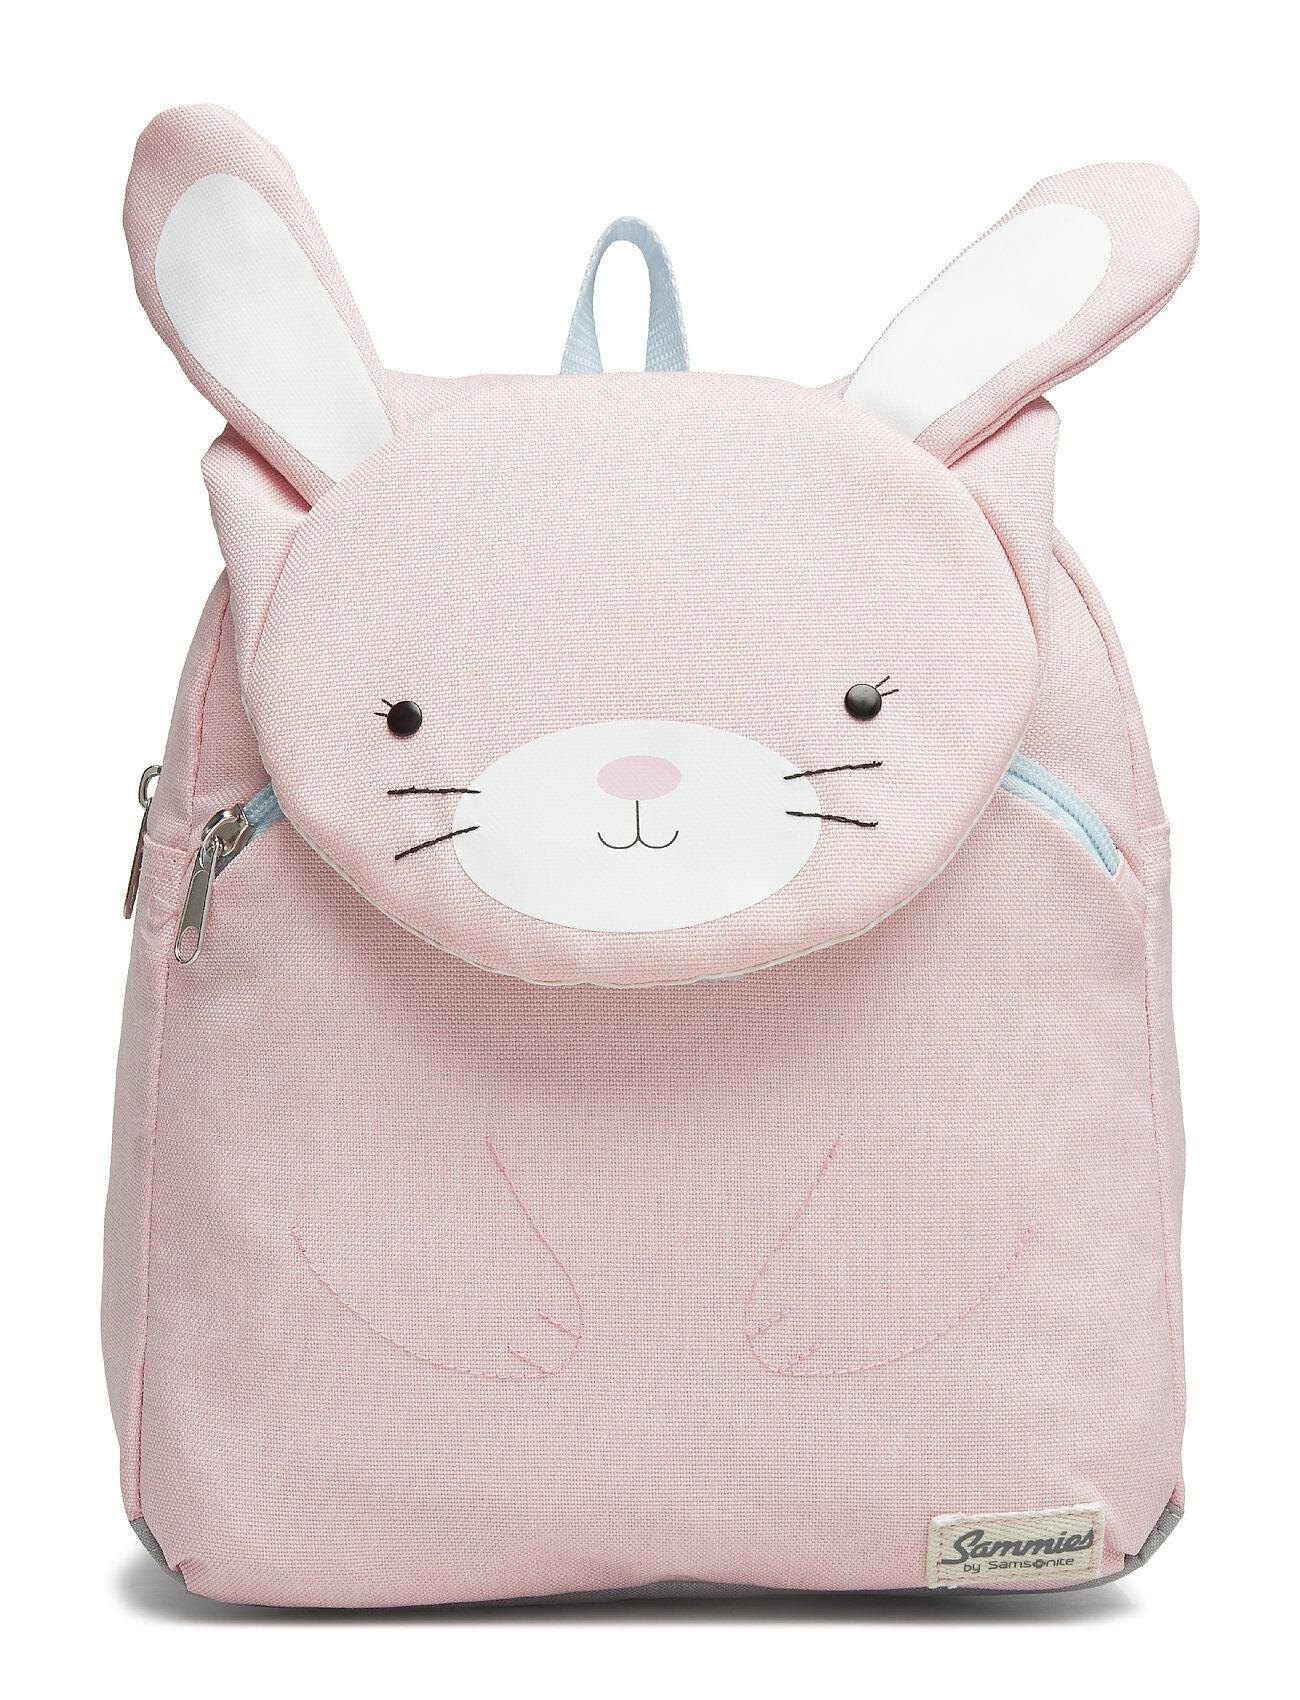 Samsonite Happy Sammies Backpack S Rabbit Rosie Accessories Bags Backpacks Vaaleanpunainen